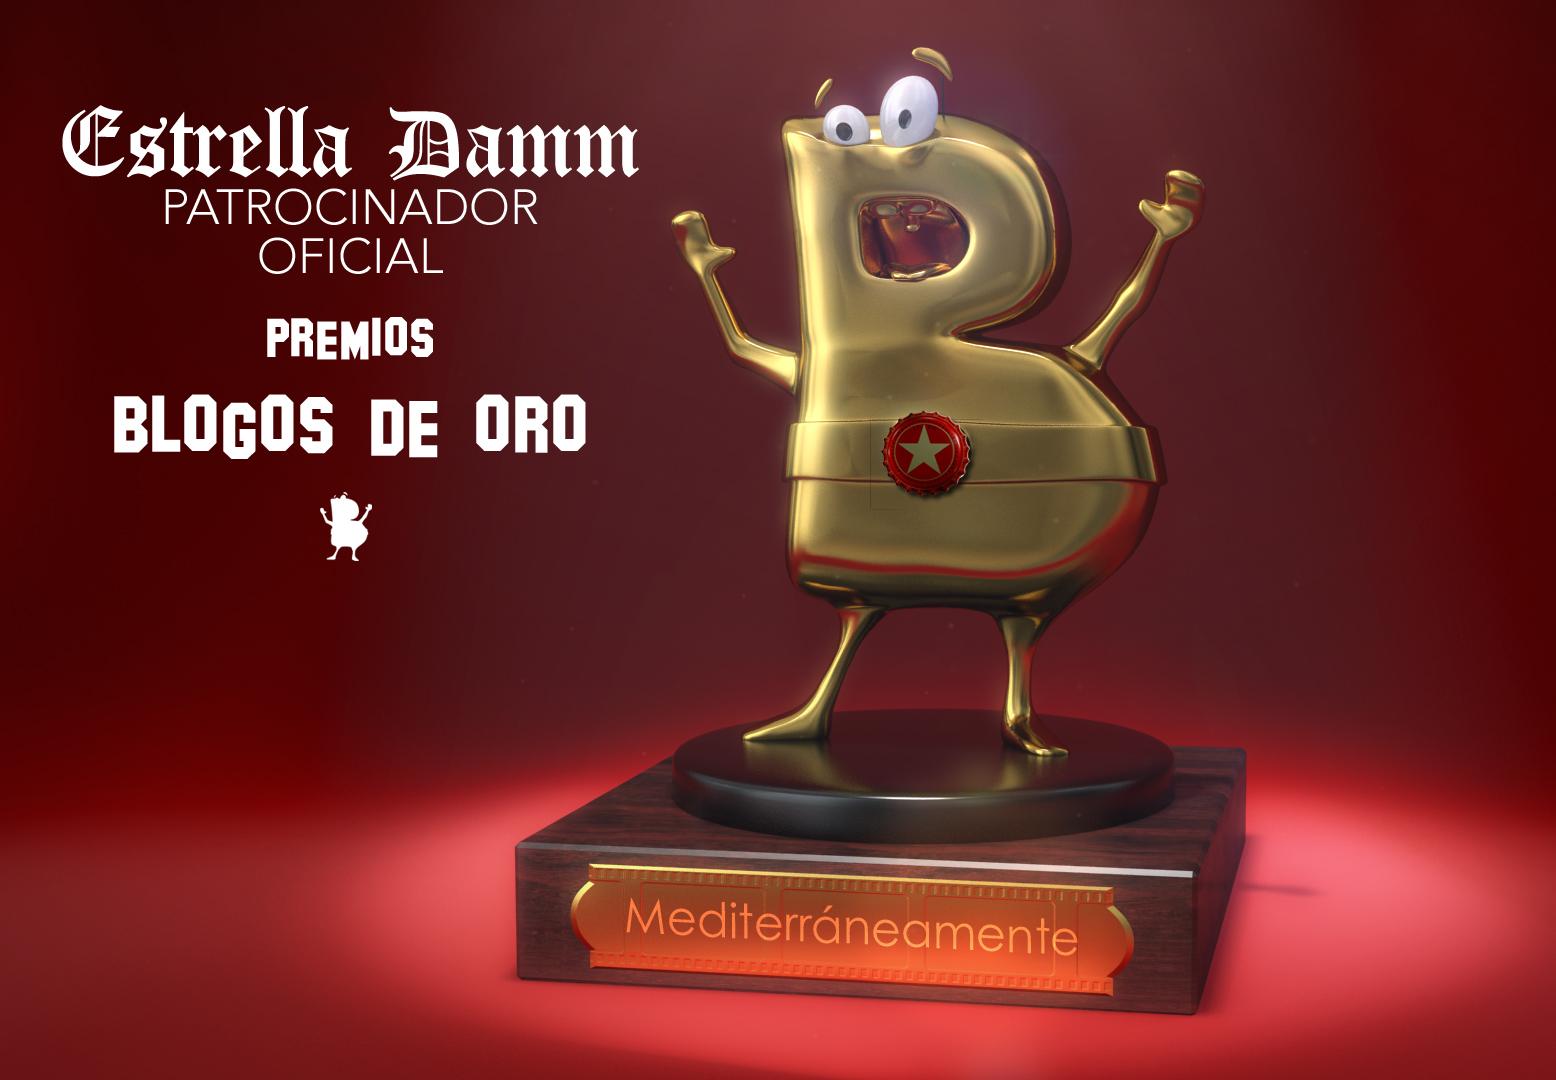 Estrella Damm patrocinador oficial de los Blogos de Oro